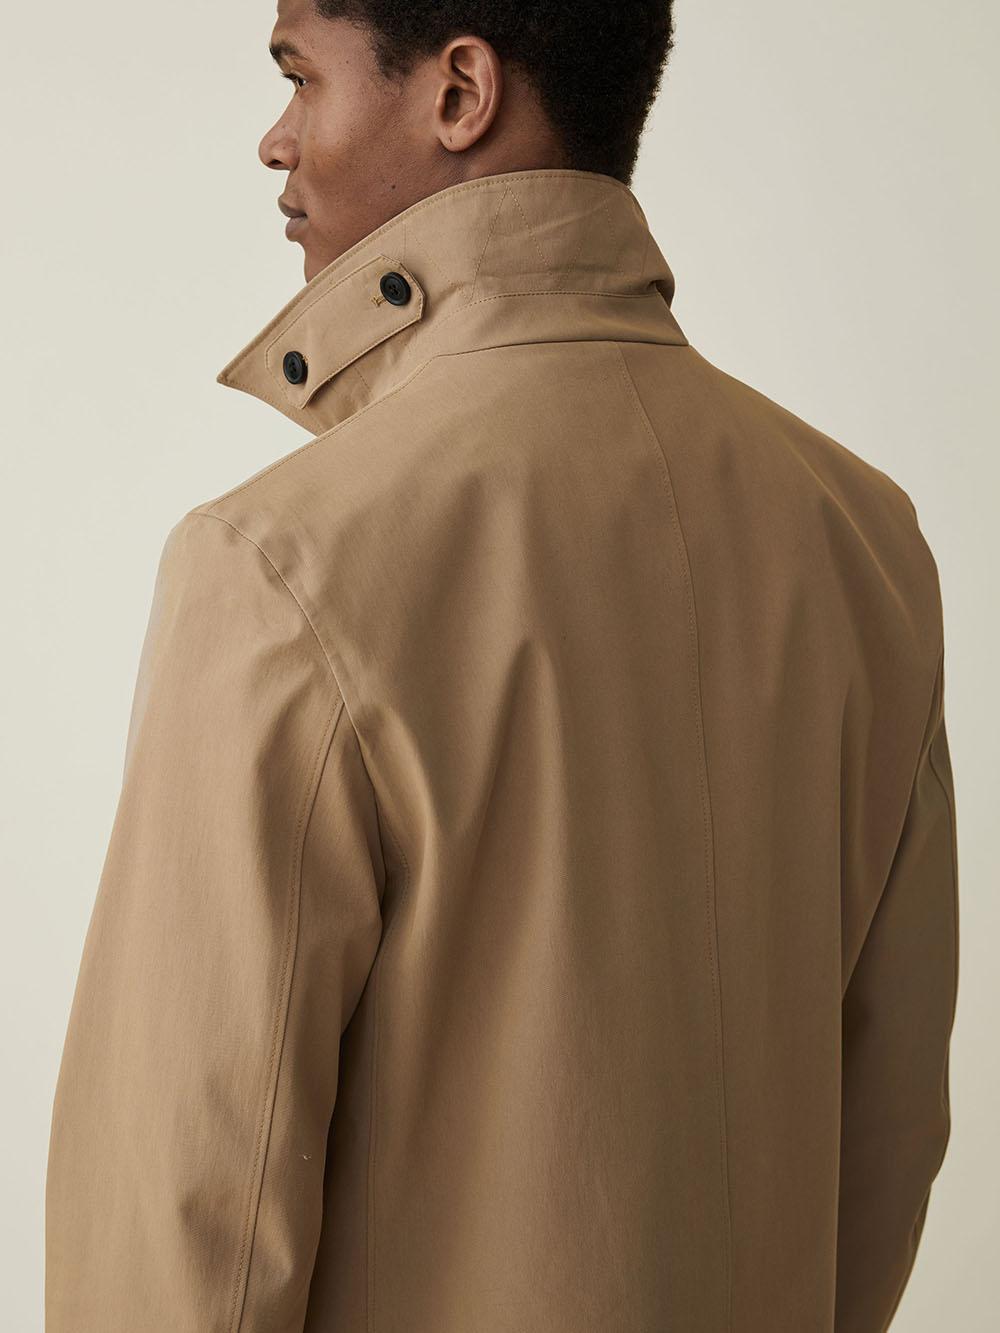 lauren-grace-design-freelance-photography-retoucher-ecommerce-imagery-male-model-.jpg